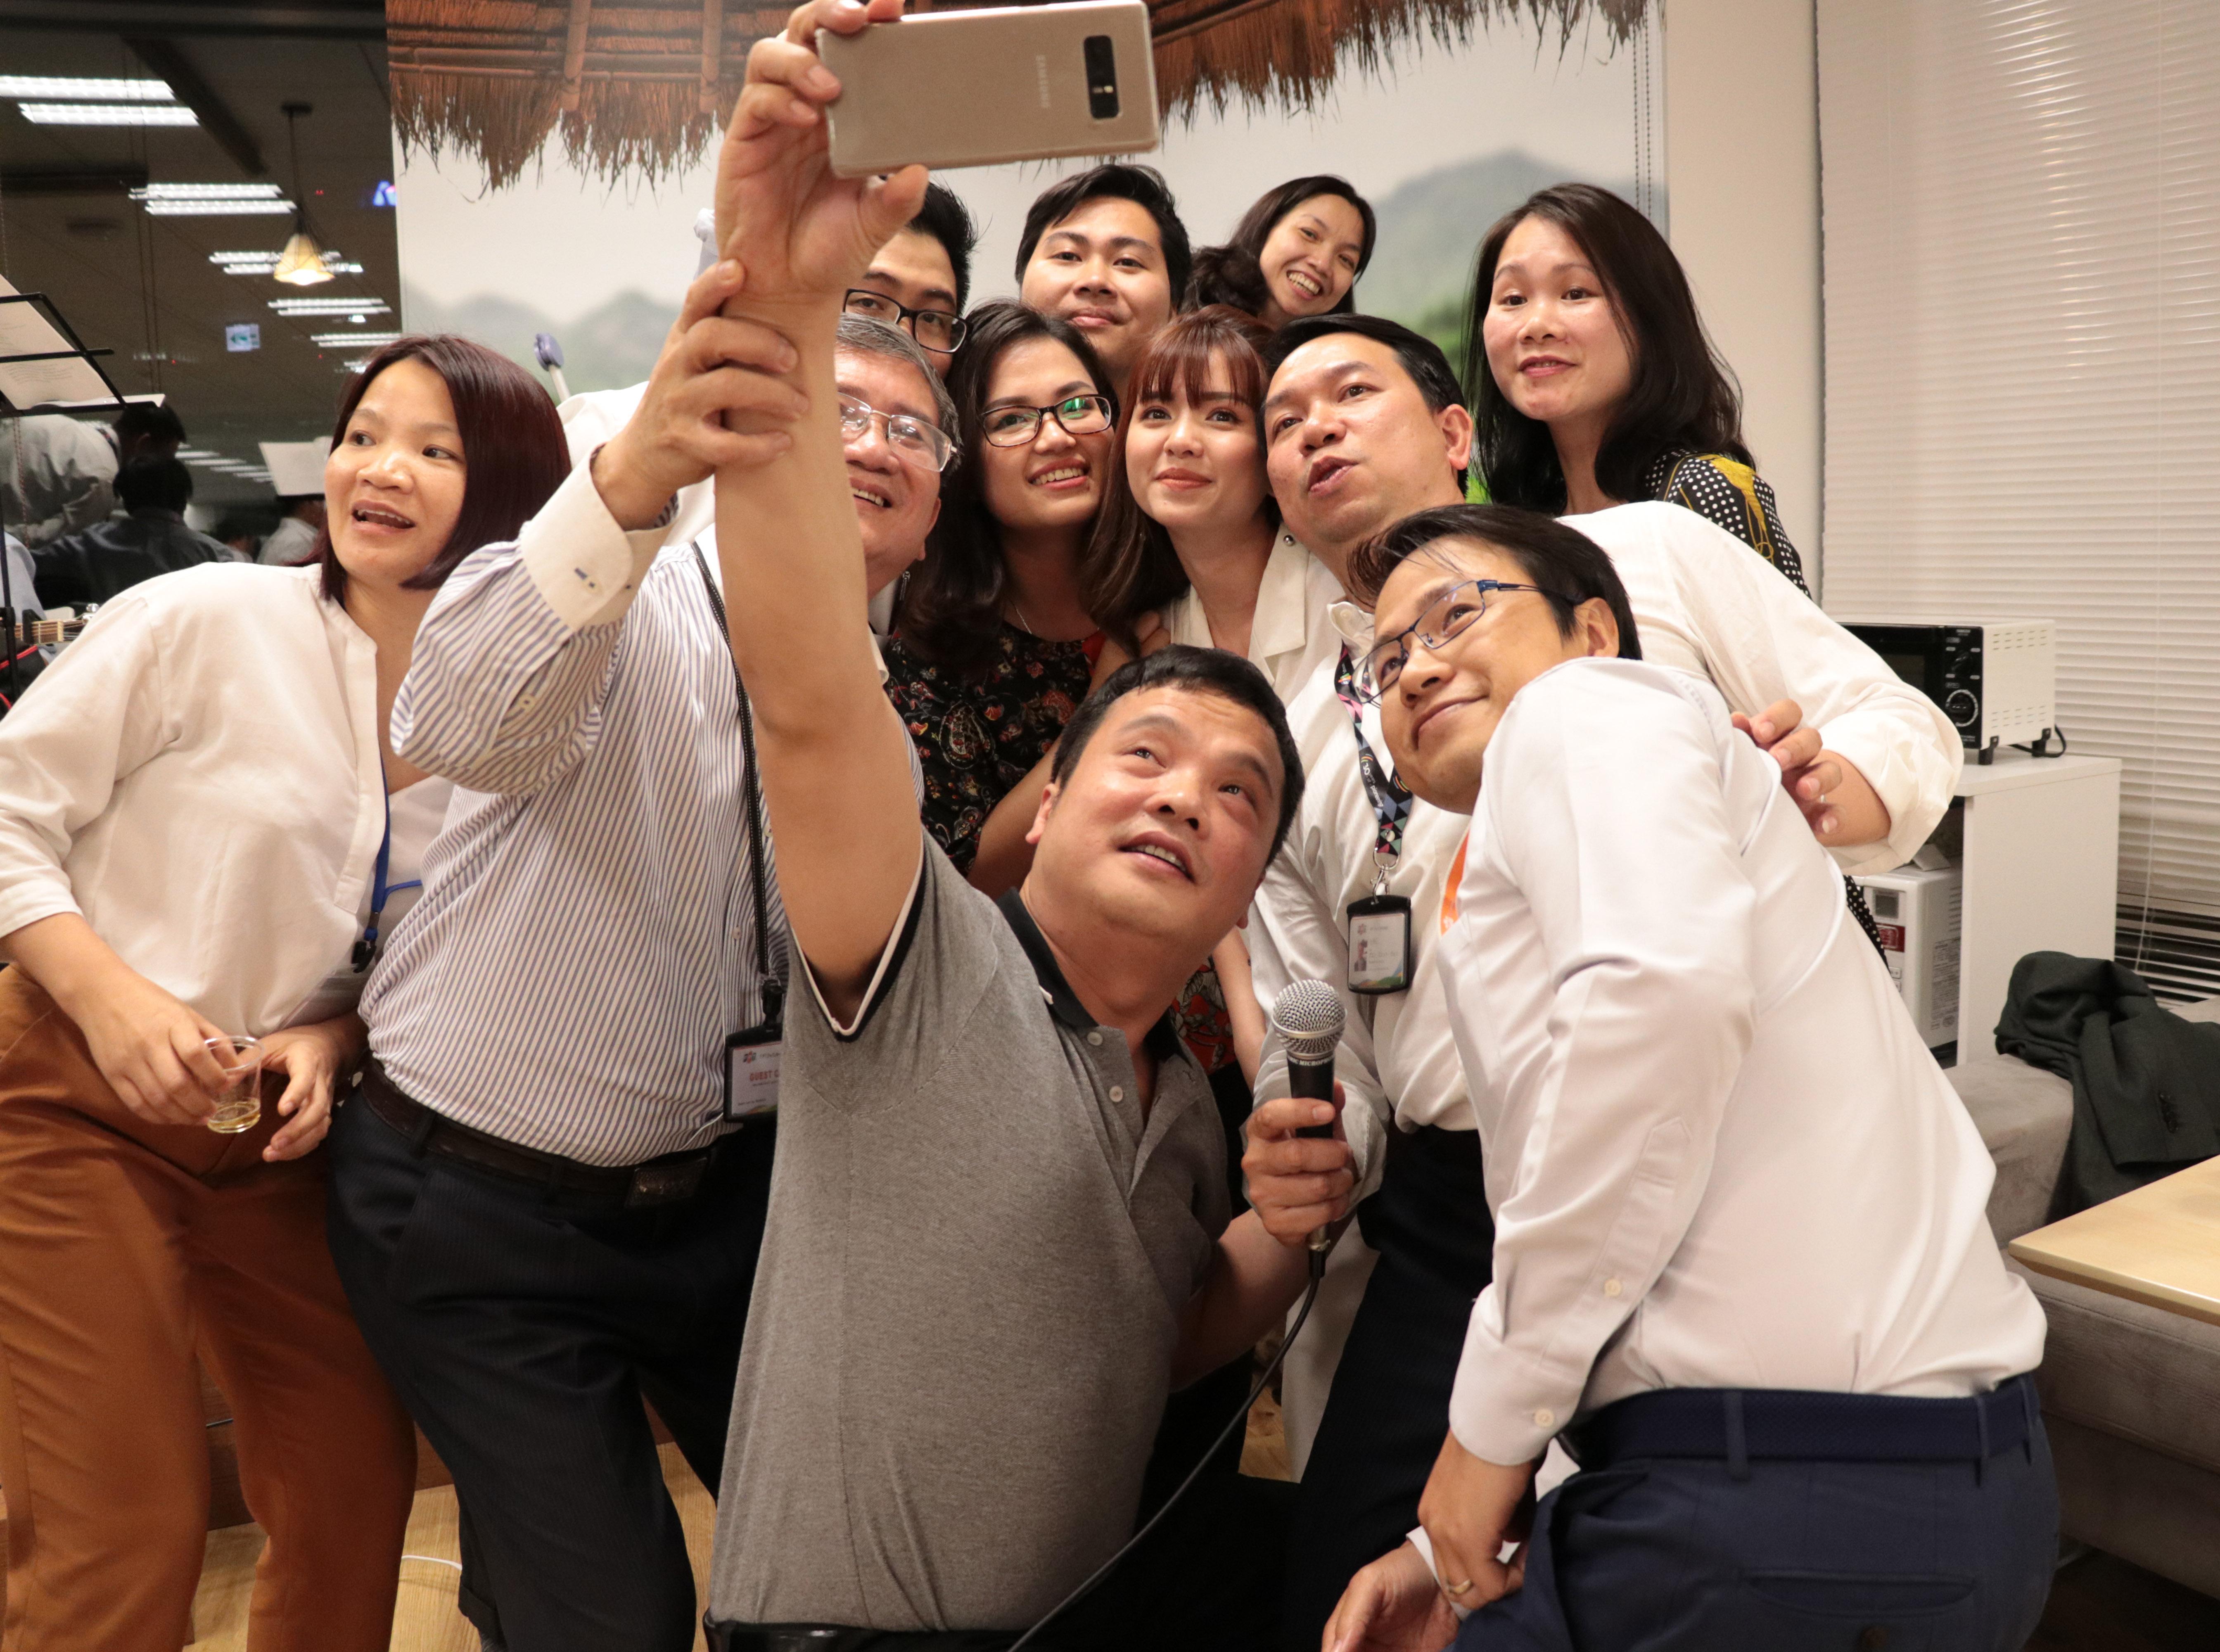 Phó Chủ tịch FPT Bùi Quang Ngọc đỡ tayCEO FPT Nguyễn Văn Khoa chụp hình bằng chính điện thoại của anh.